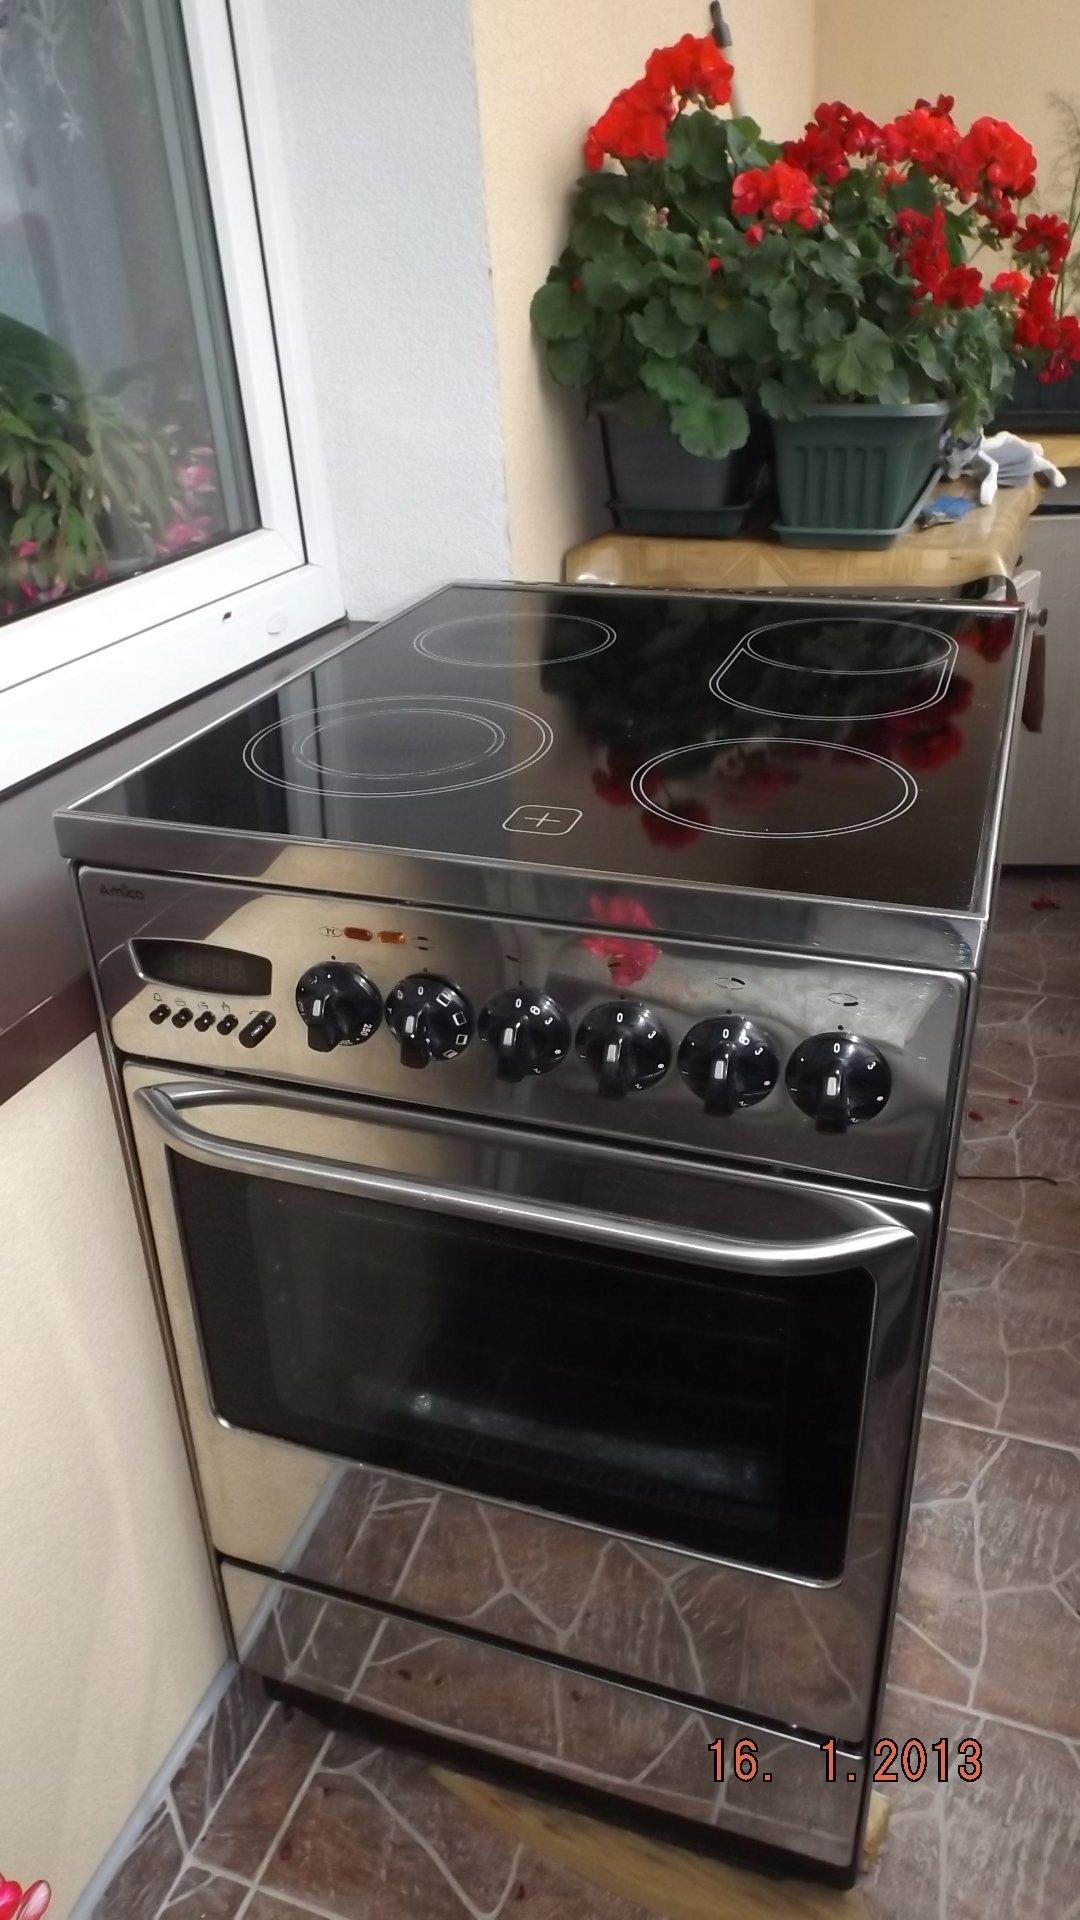 Kuchnia Amica Z Blatem Ceramicznym Inox 50 Cm 7486903783